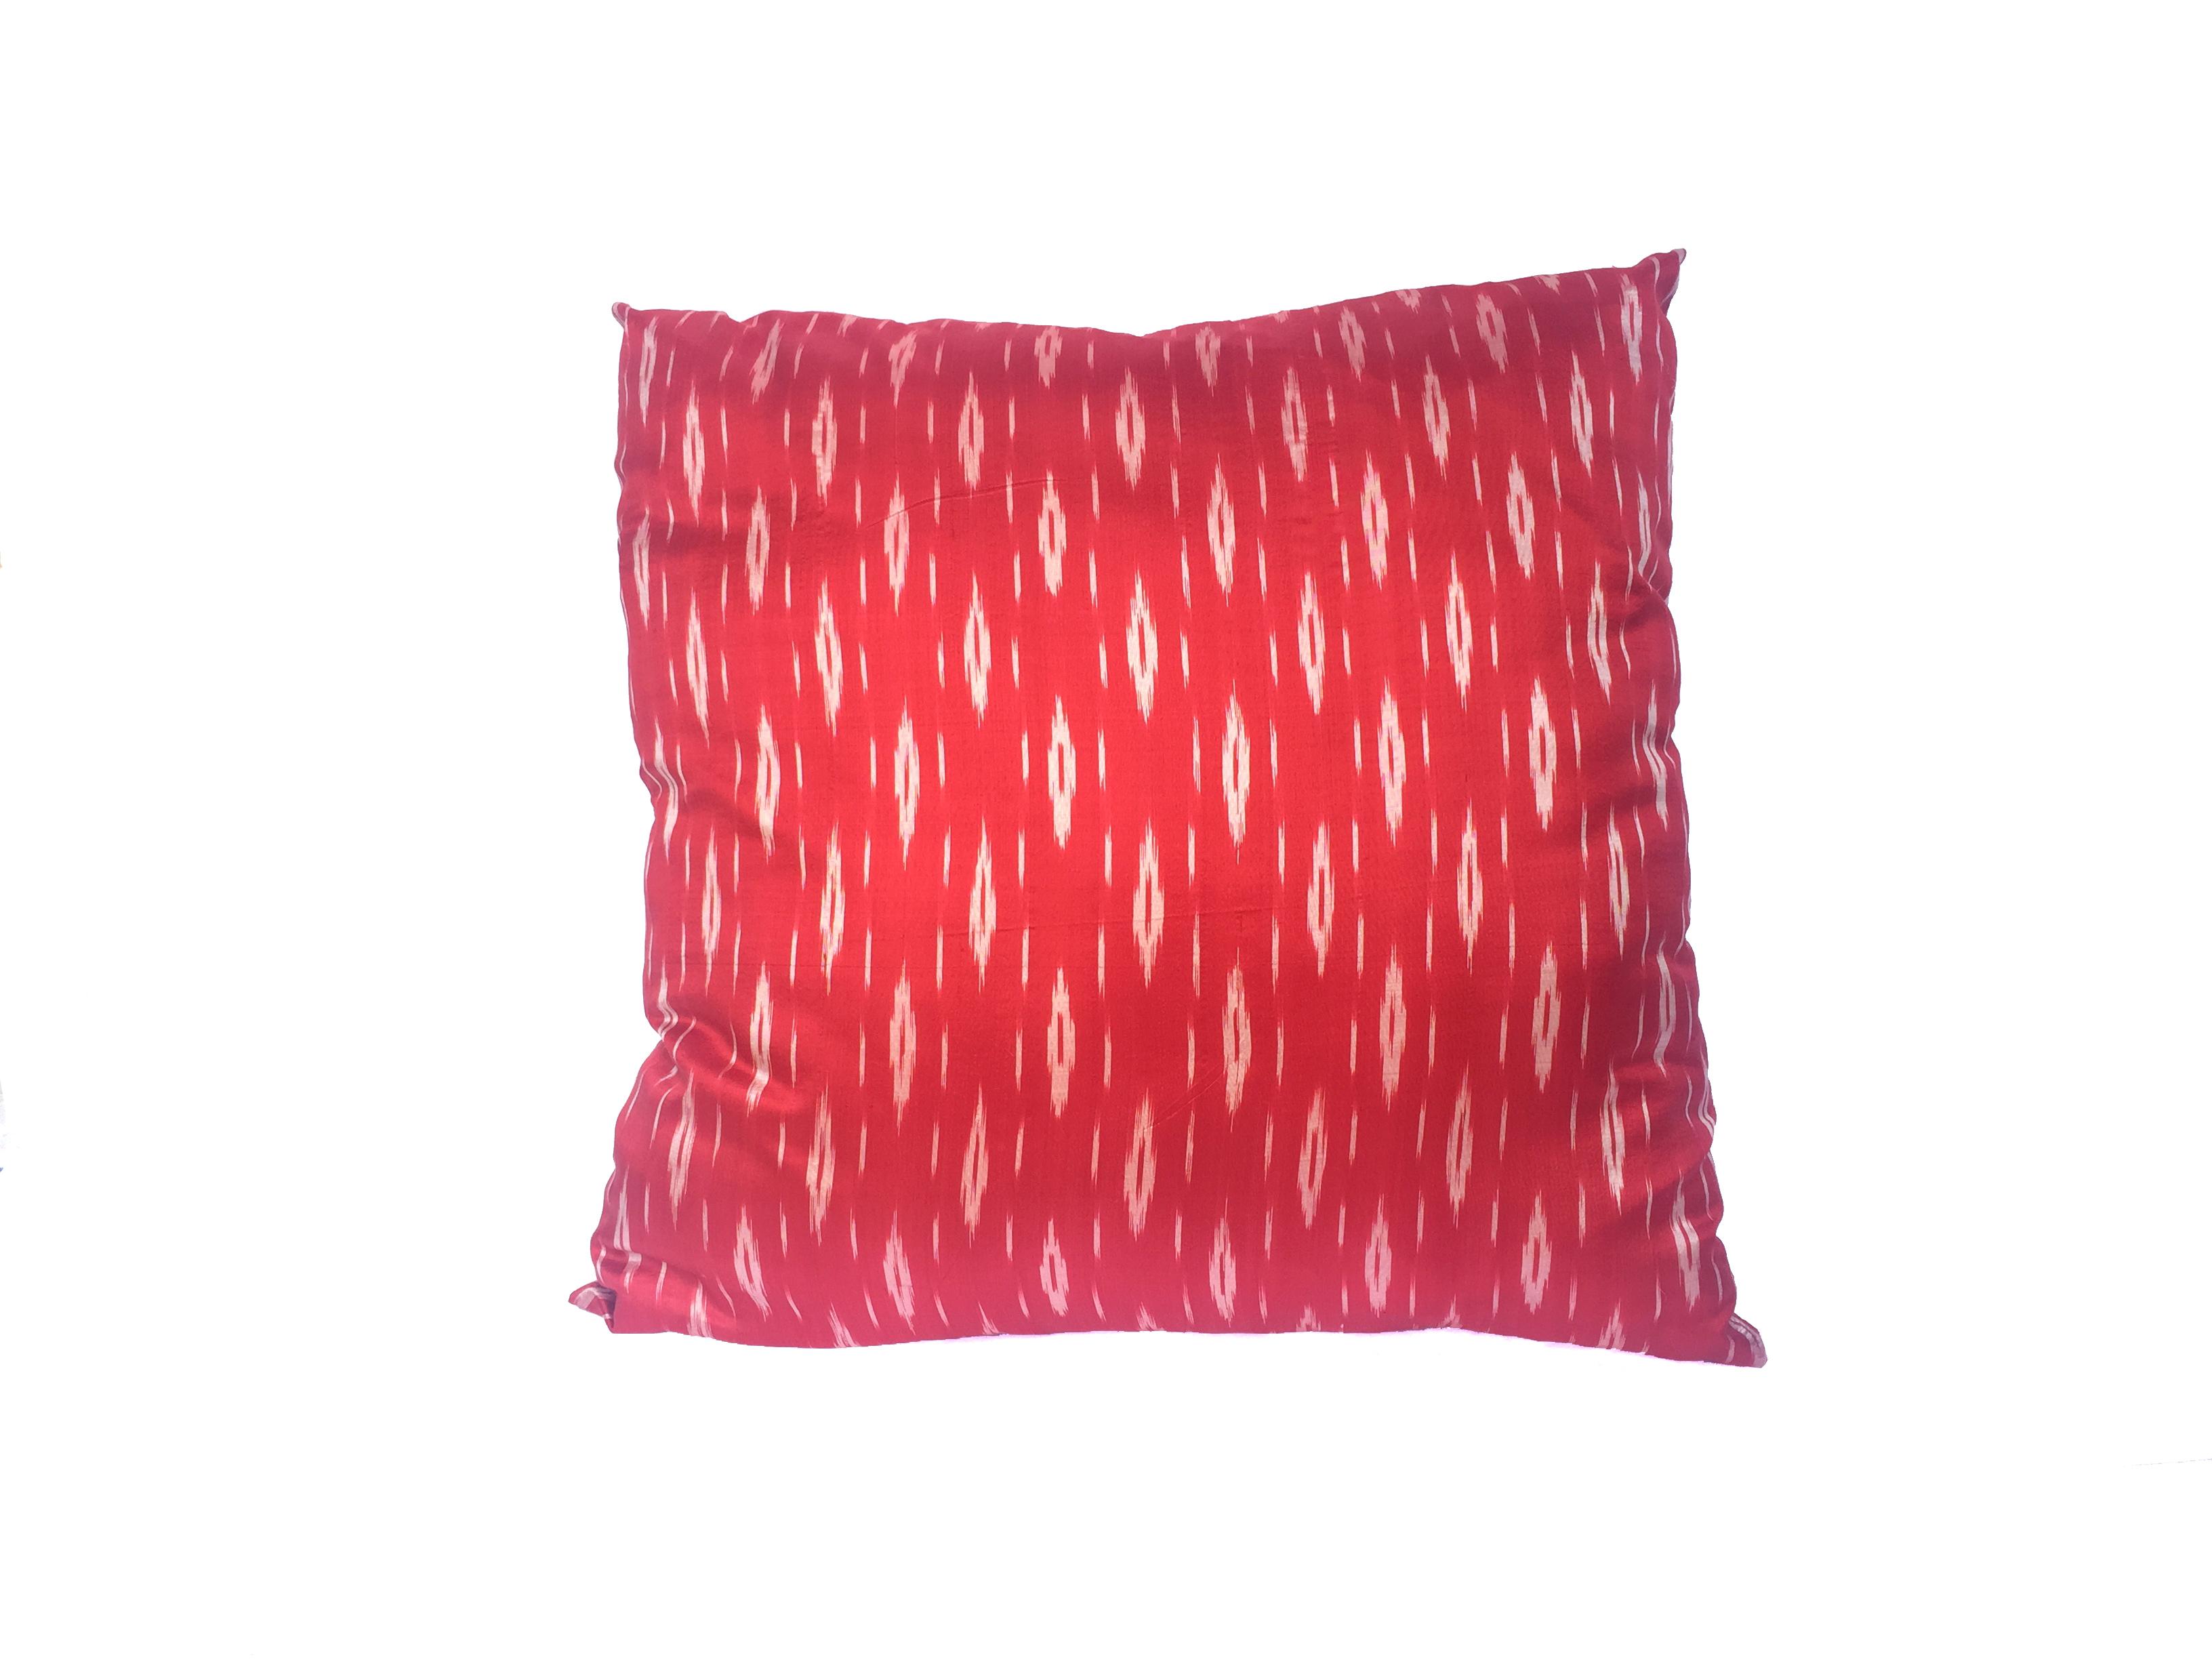 SALE! Almohadón seda natural rojo y blanco